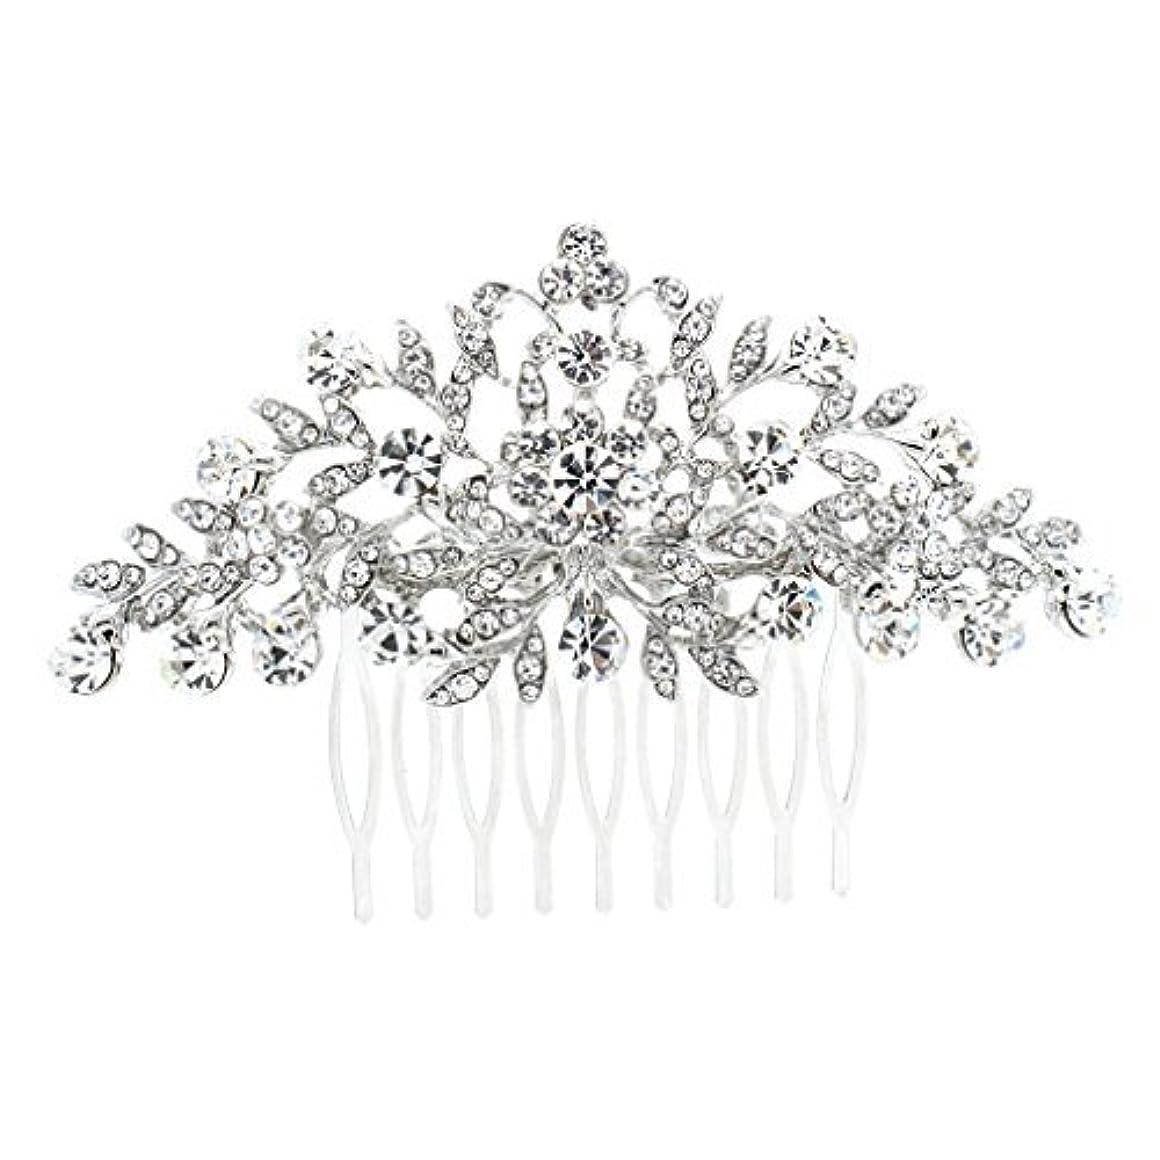 絶滅させるビーム矢じりSEPBRDIALS Rhinestone Crystal Hair Comb Pins Women Wedding Hair Jewelry Accessories FA2944 (Silver) [並行輸入品]